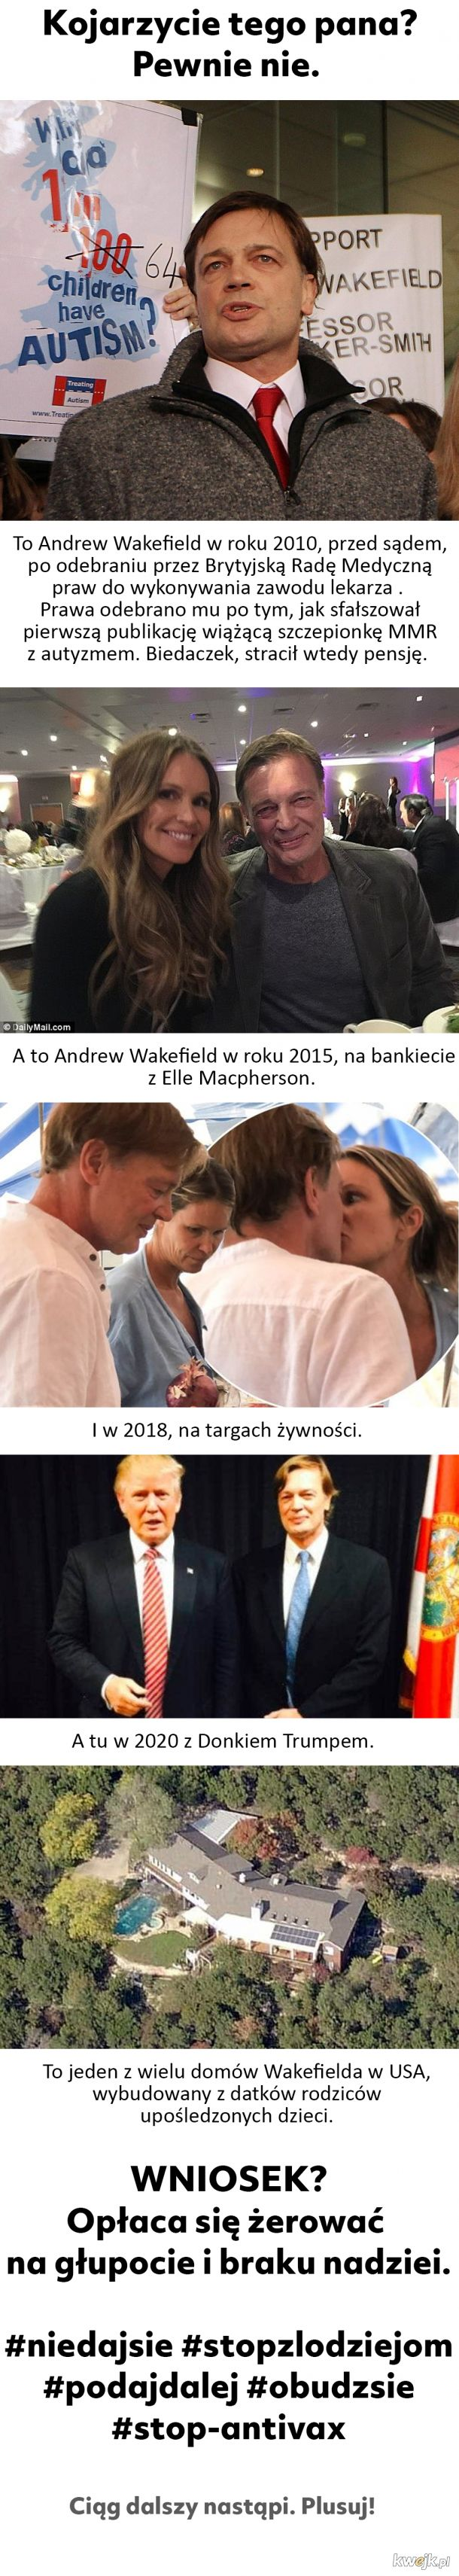 Antyszczepionkowcy cz. 1